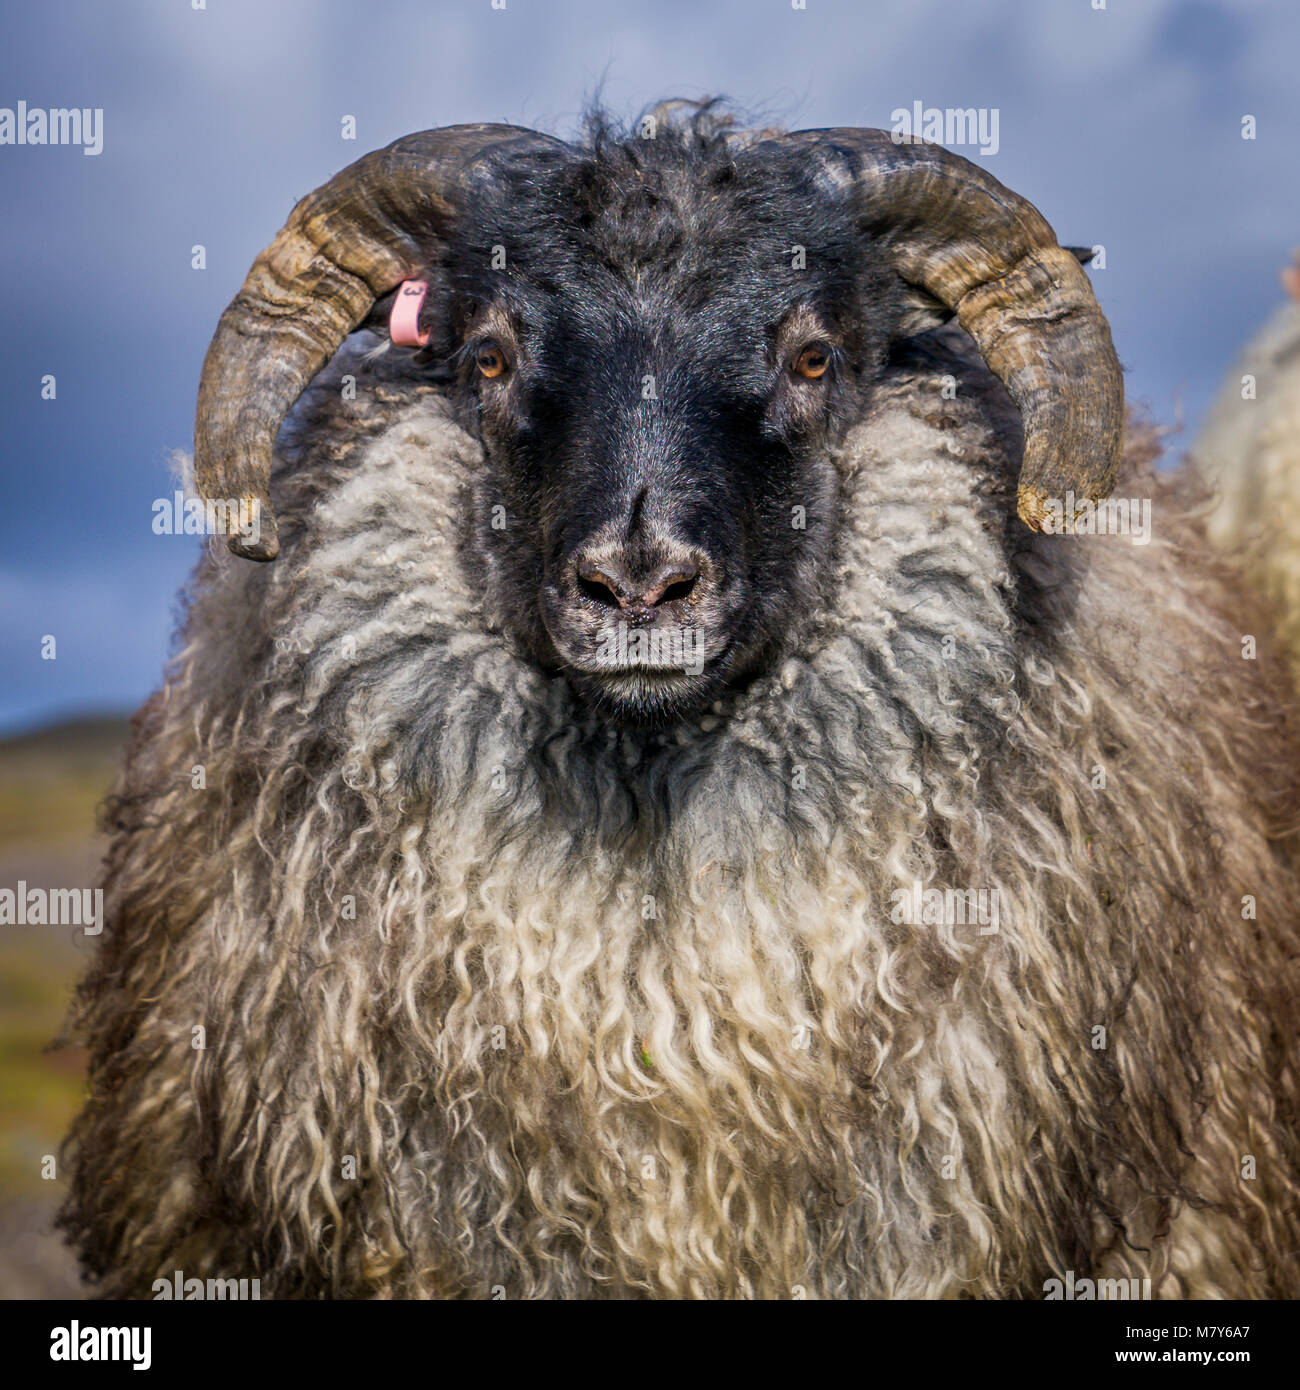 Icelandic Black Sheep, Autumn round-up, Iceland - Stock Image